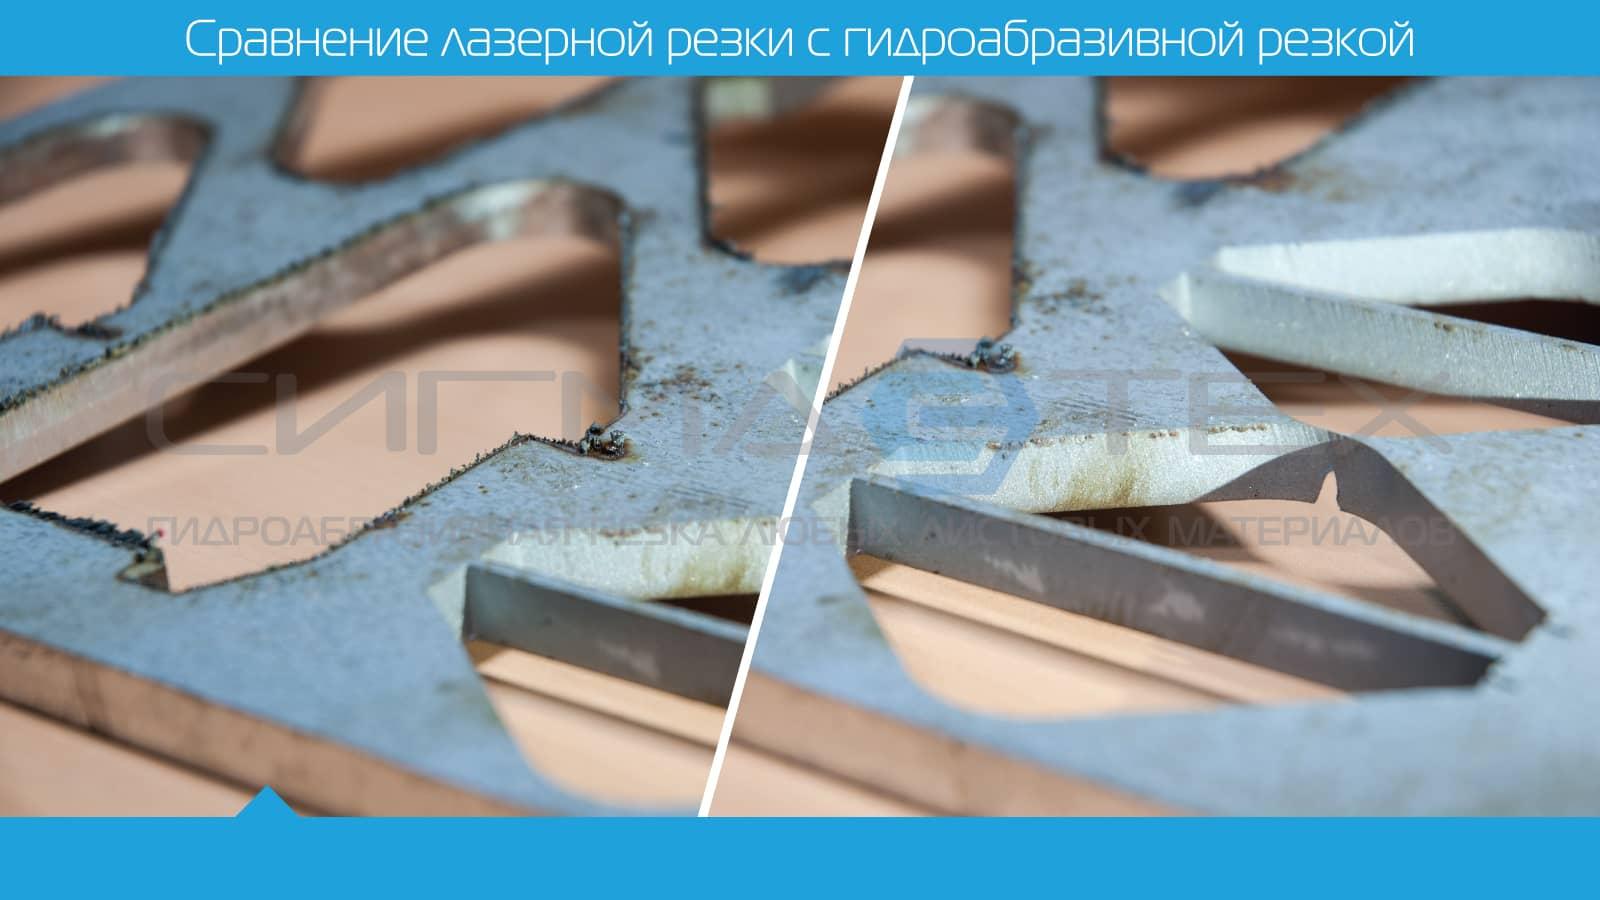 Сравнение лазерной и гидроабразивной резки